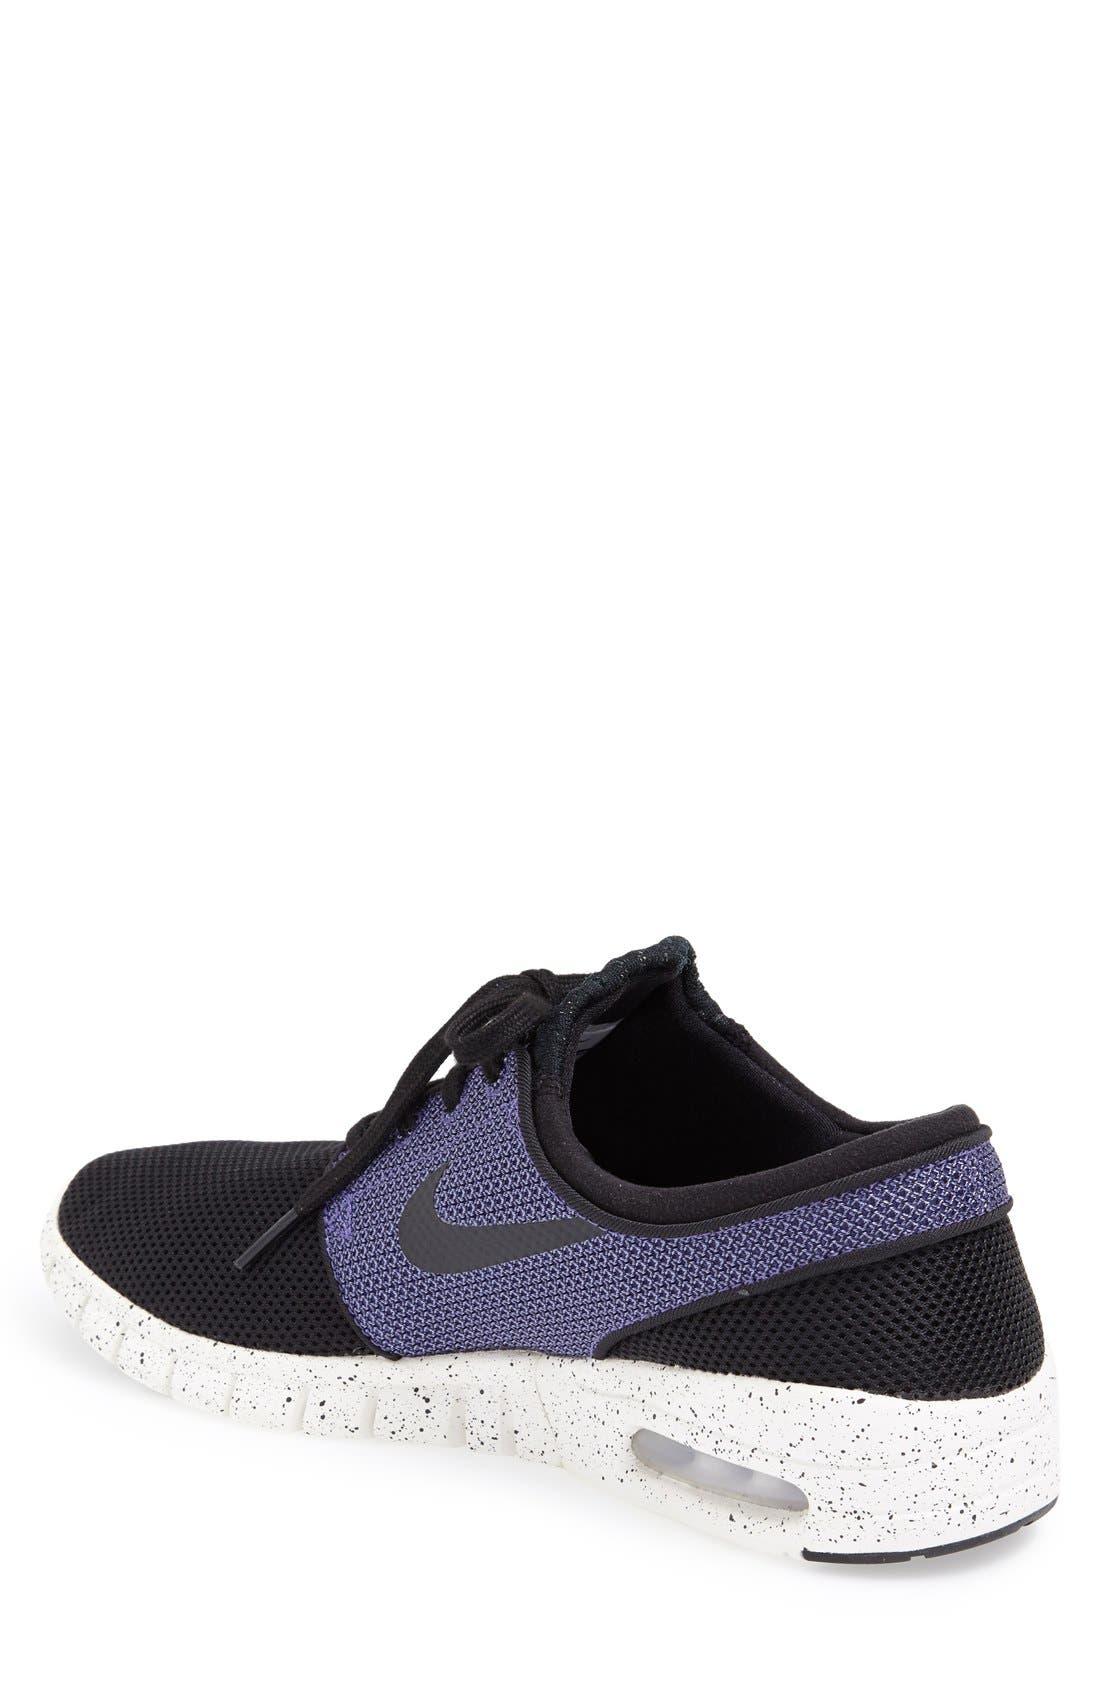 'Stefan Janoski - Max SB' Skate Shoe,                             Alternate thumbnail 10, color,                             BLACK/ PRO PURPLE/ WHITE